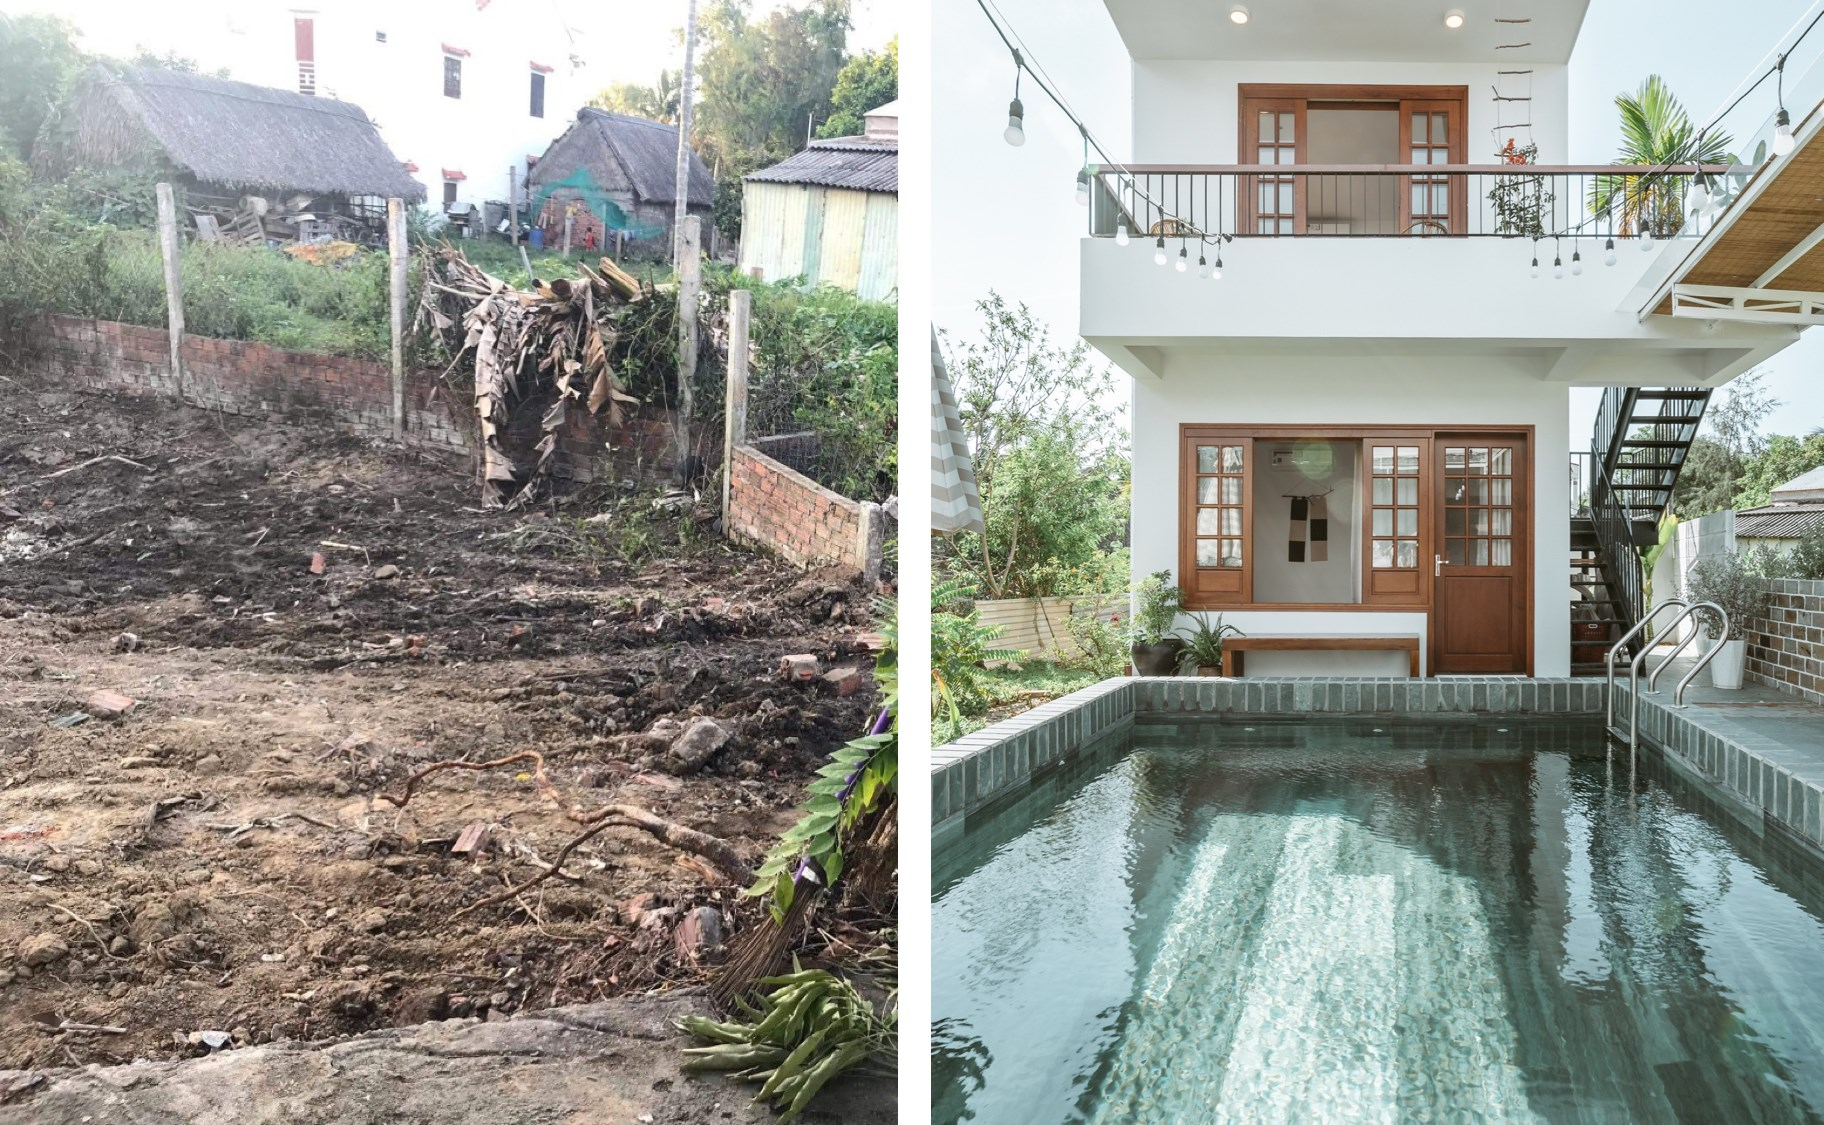 Cô gái quyết định rời Sài Gòn về Hội An cải tạo nhà ở 20 năm đã xuống cấp thành homestay 5 phòng đẹp lung linh, cho khách thuê chỉ 420-520 ngàn đồng/ phòng - Ảnh 14.